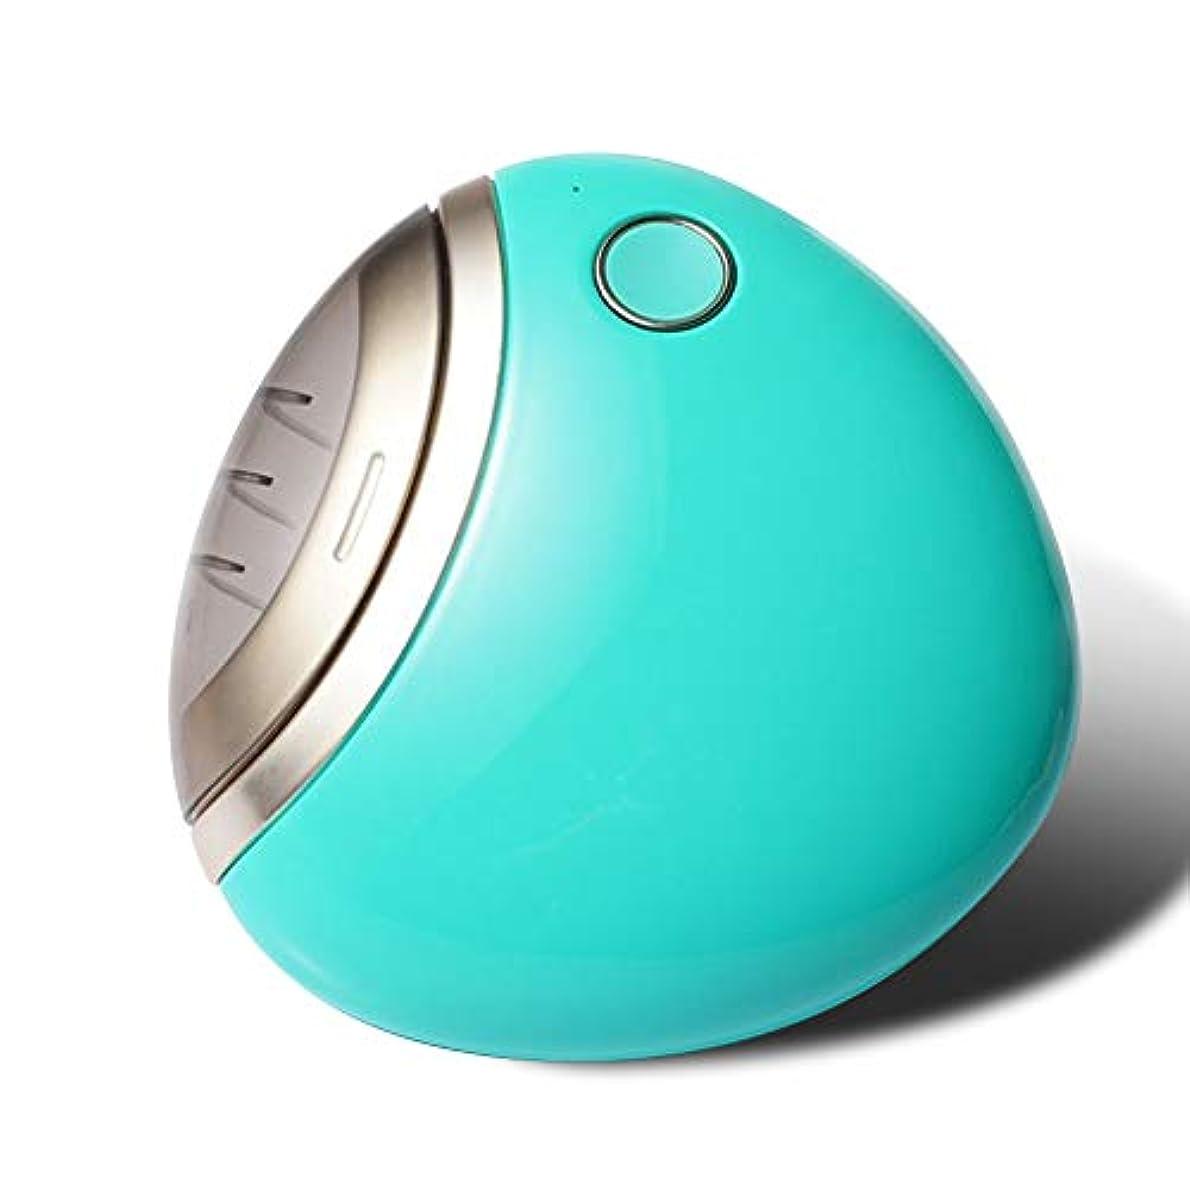 聴覚障害者風変わりな安いです電動爪切り ネイルケア USB充電式 低騒音 二階段スピータ 当てるだけ、安心、安全、簡単!皮膚に触れても大丈夫!お子様や介護時にお勧め!(青い)